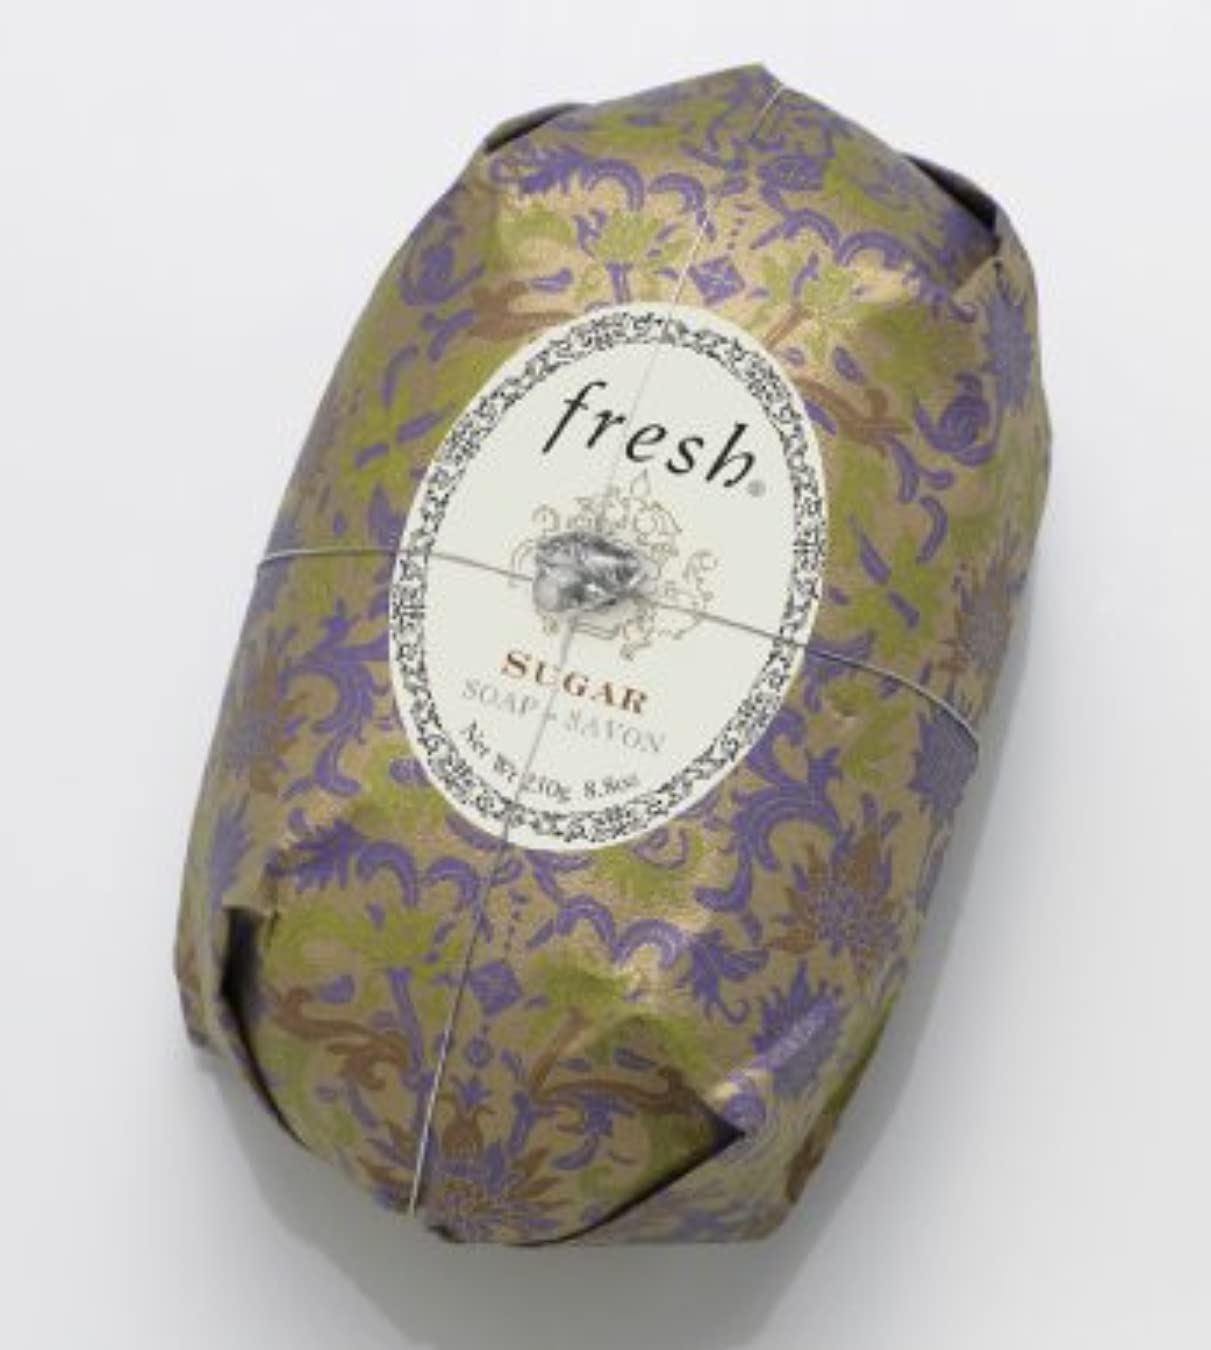 最愛のスパイ株式会社Fresh SUGAR SOAP (フレッシュ シュガー ソープ) 8.8 oz (250g) Soap (石鹸) by Fresh